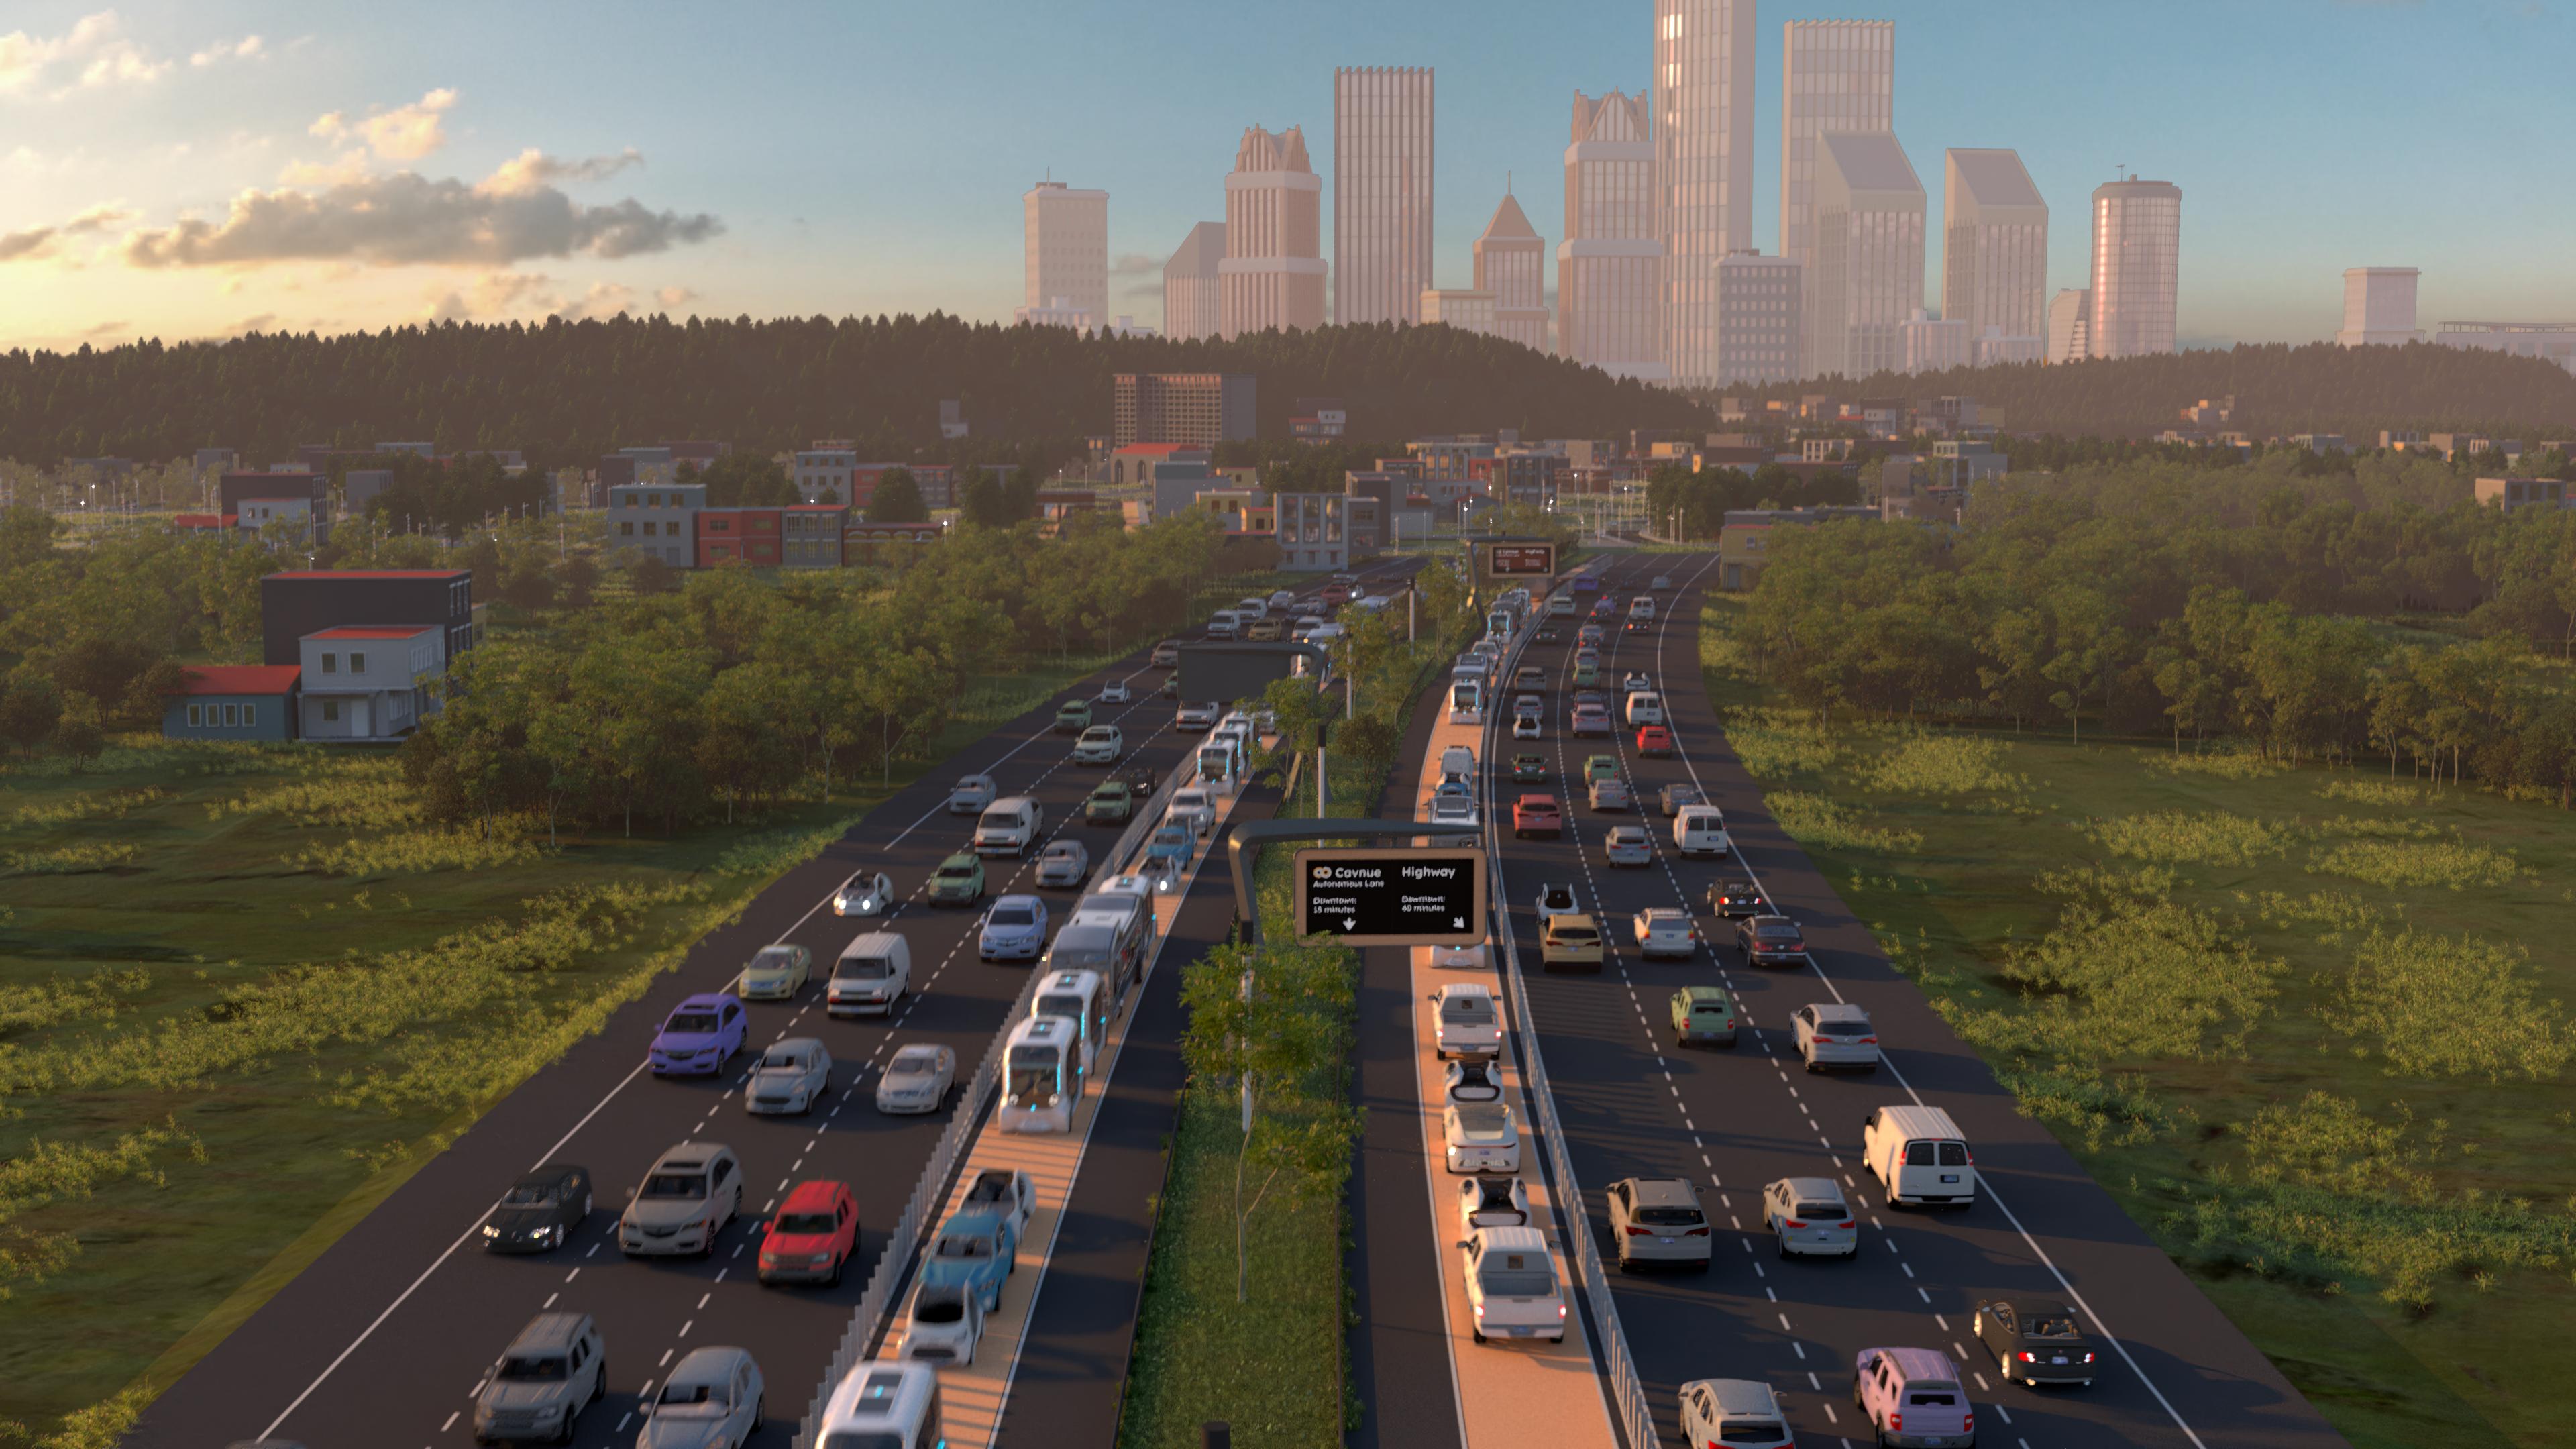 Michigan Plans Connected, Autonomous Vehicle Corridor